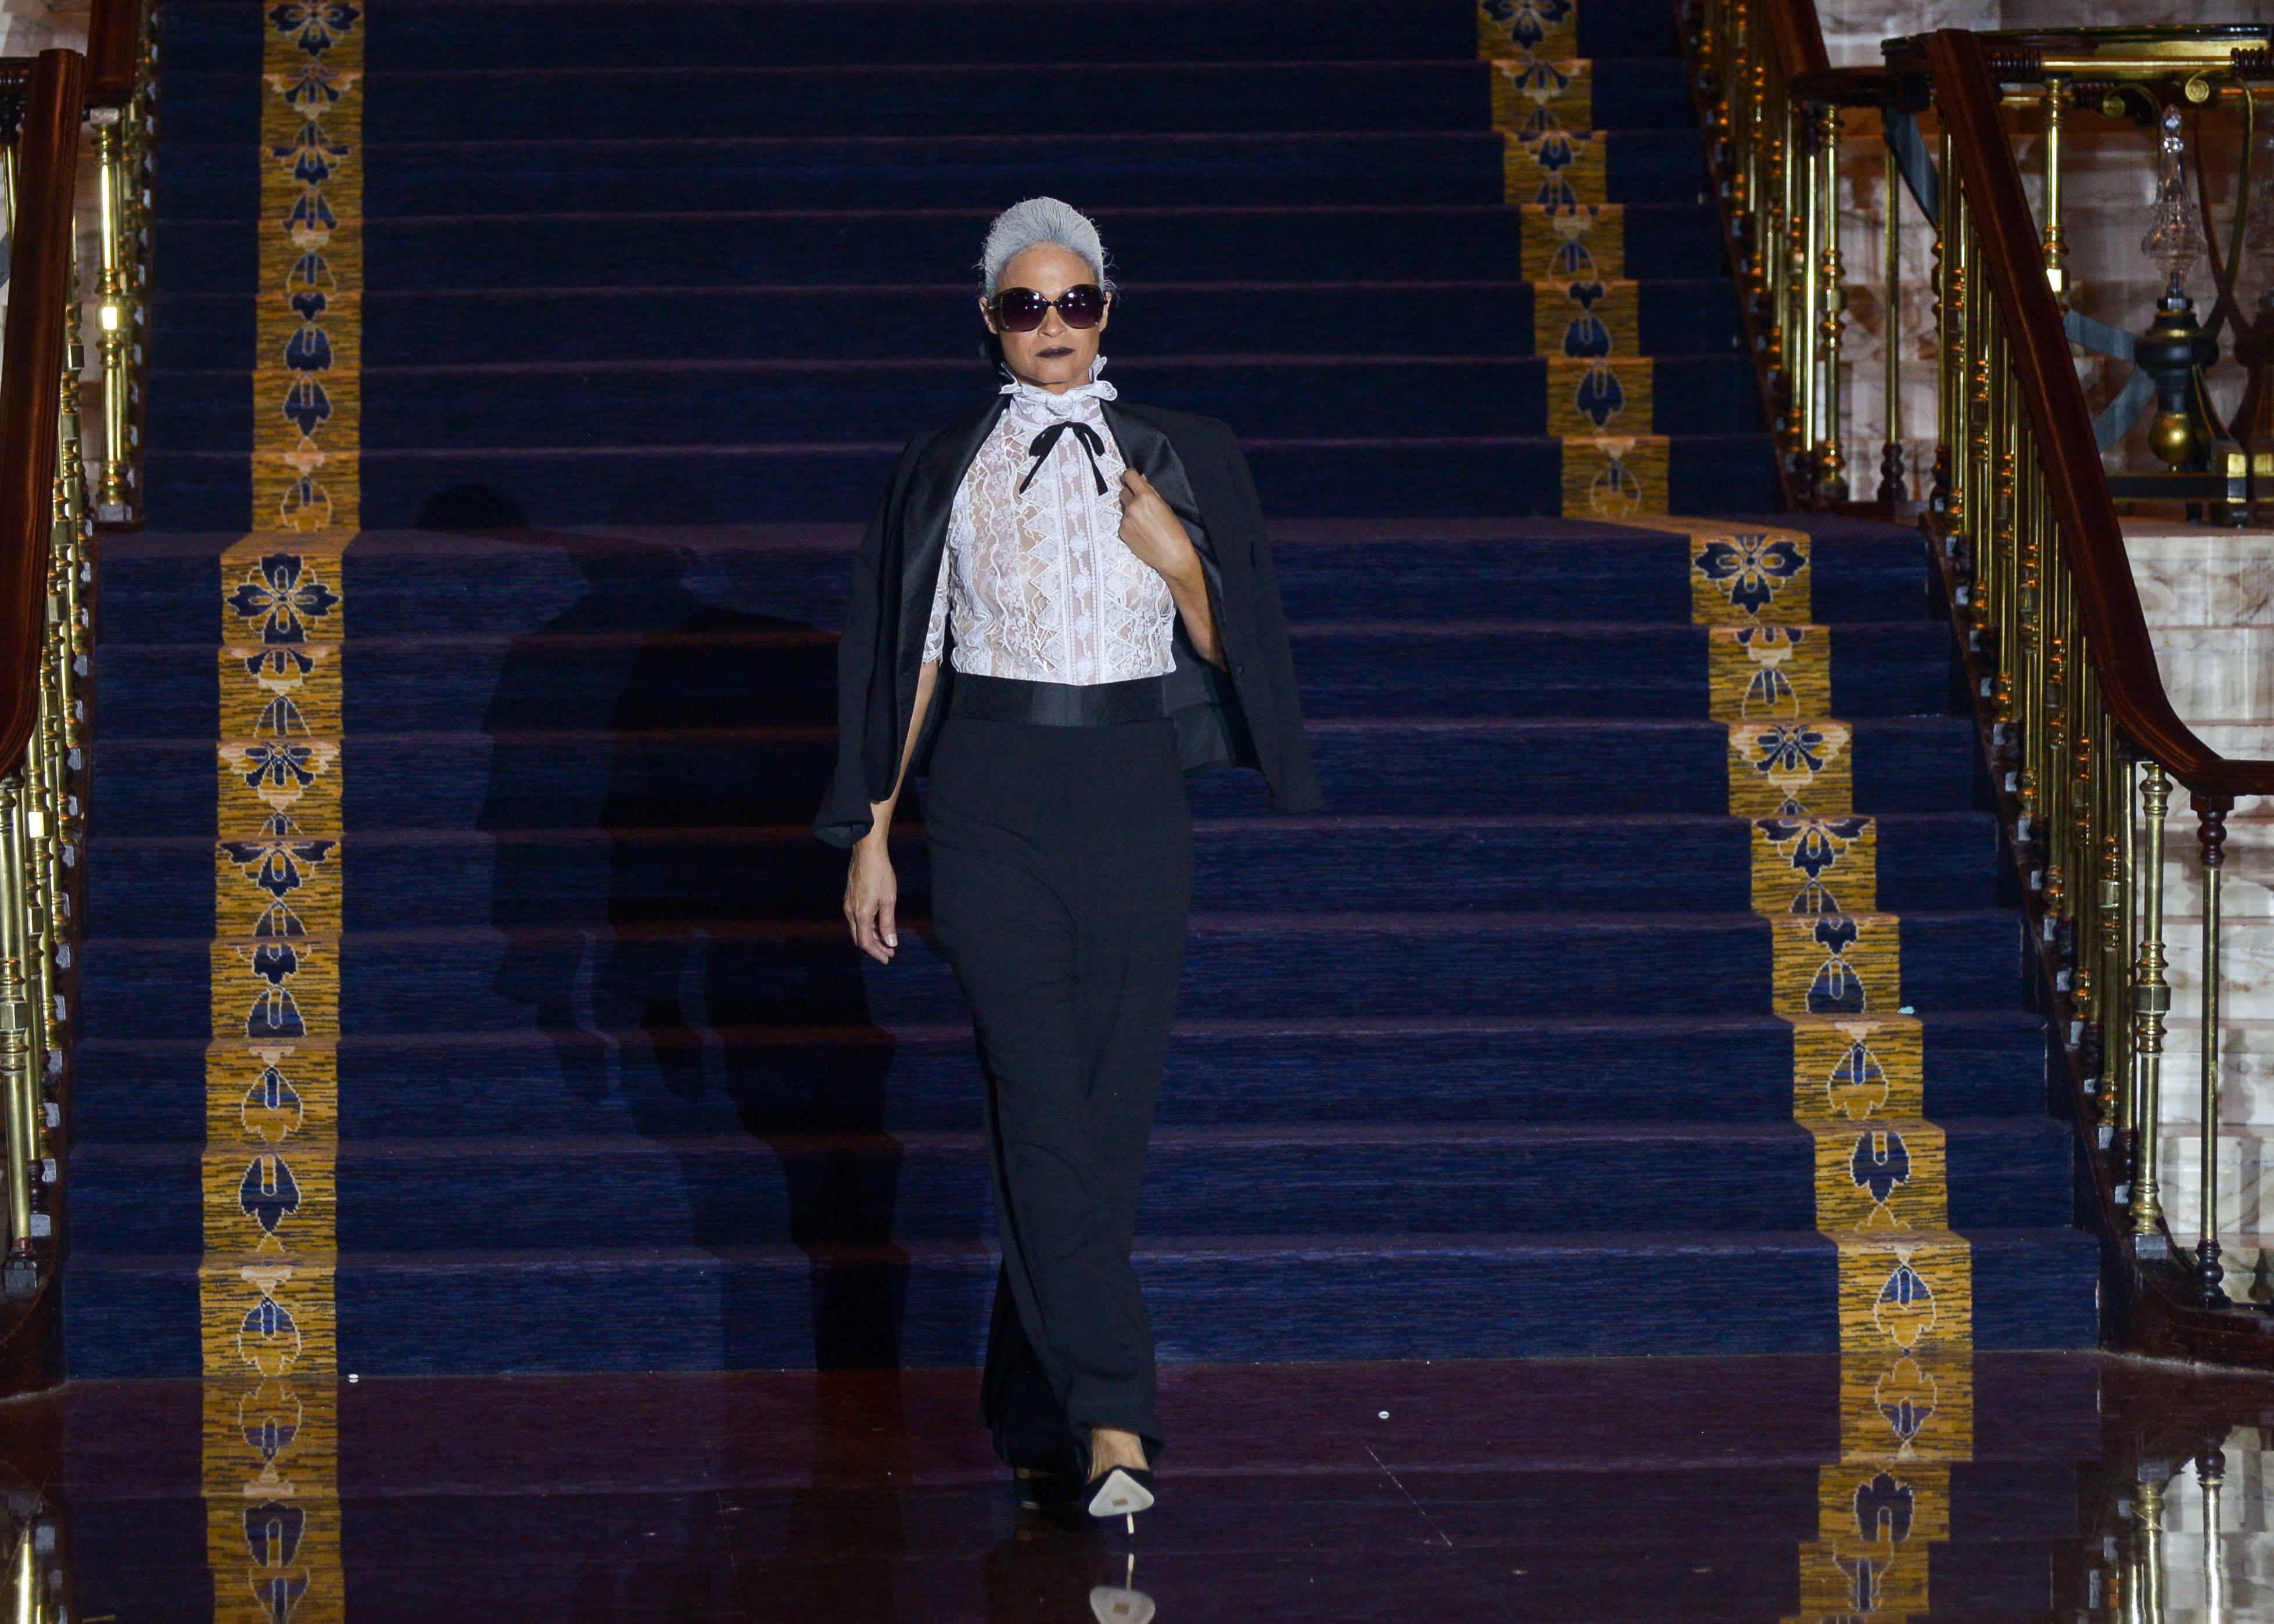 El desfile comenzó con un homenaje a Karl Lagerfeld. (Foto: Enid Salgado)